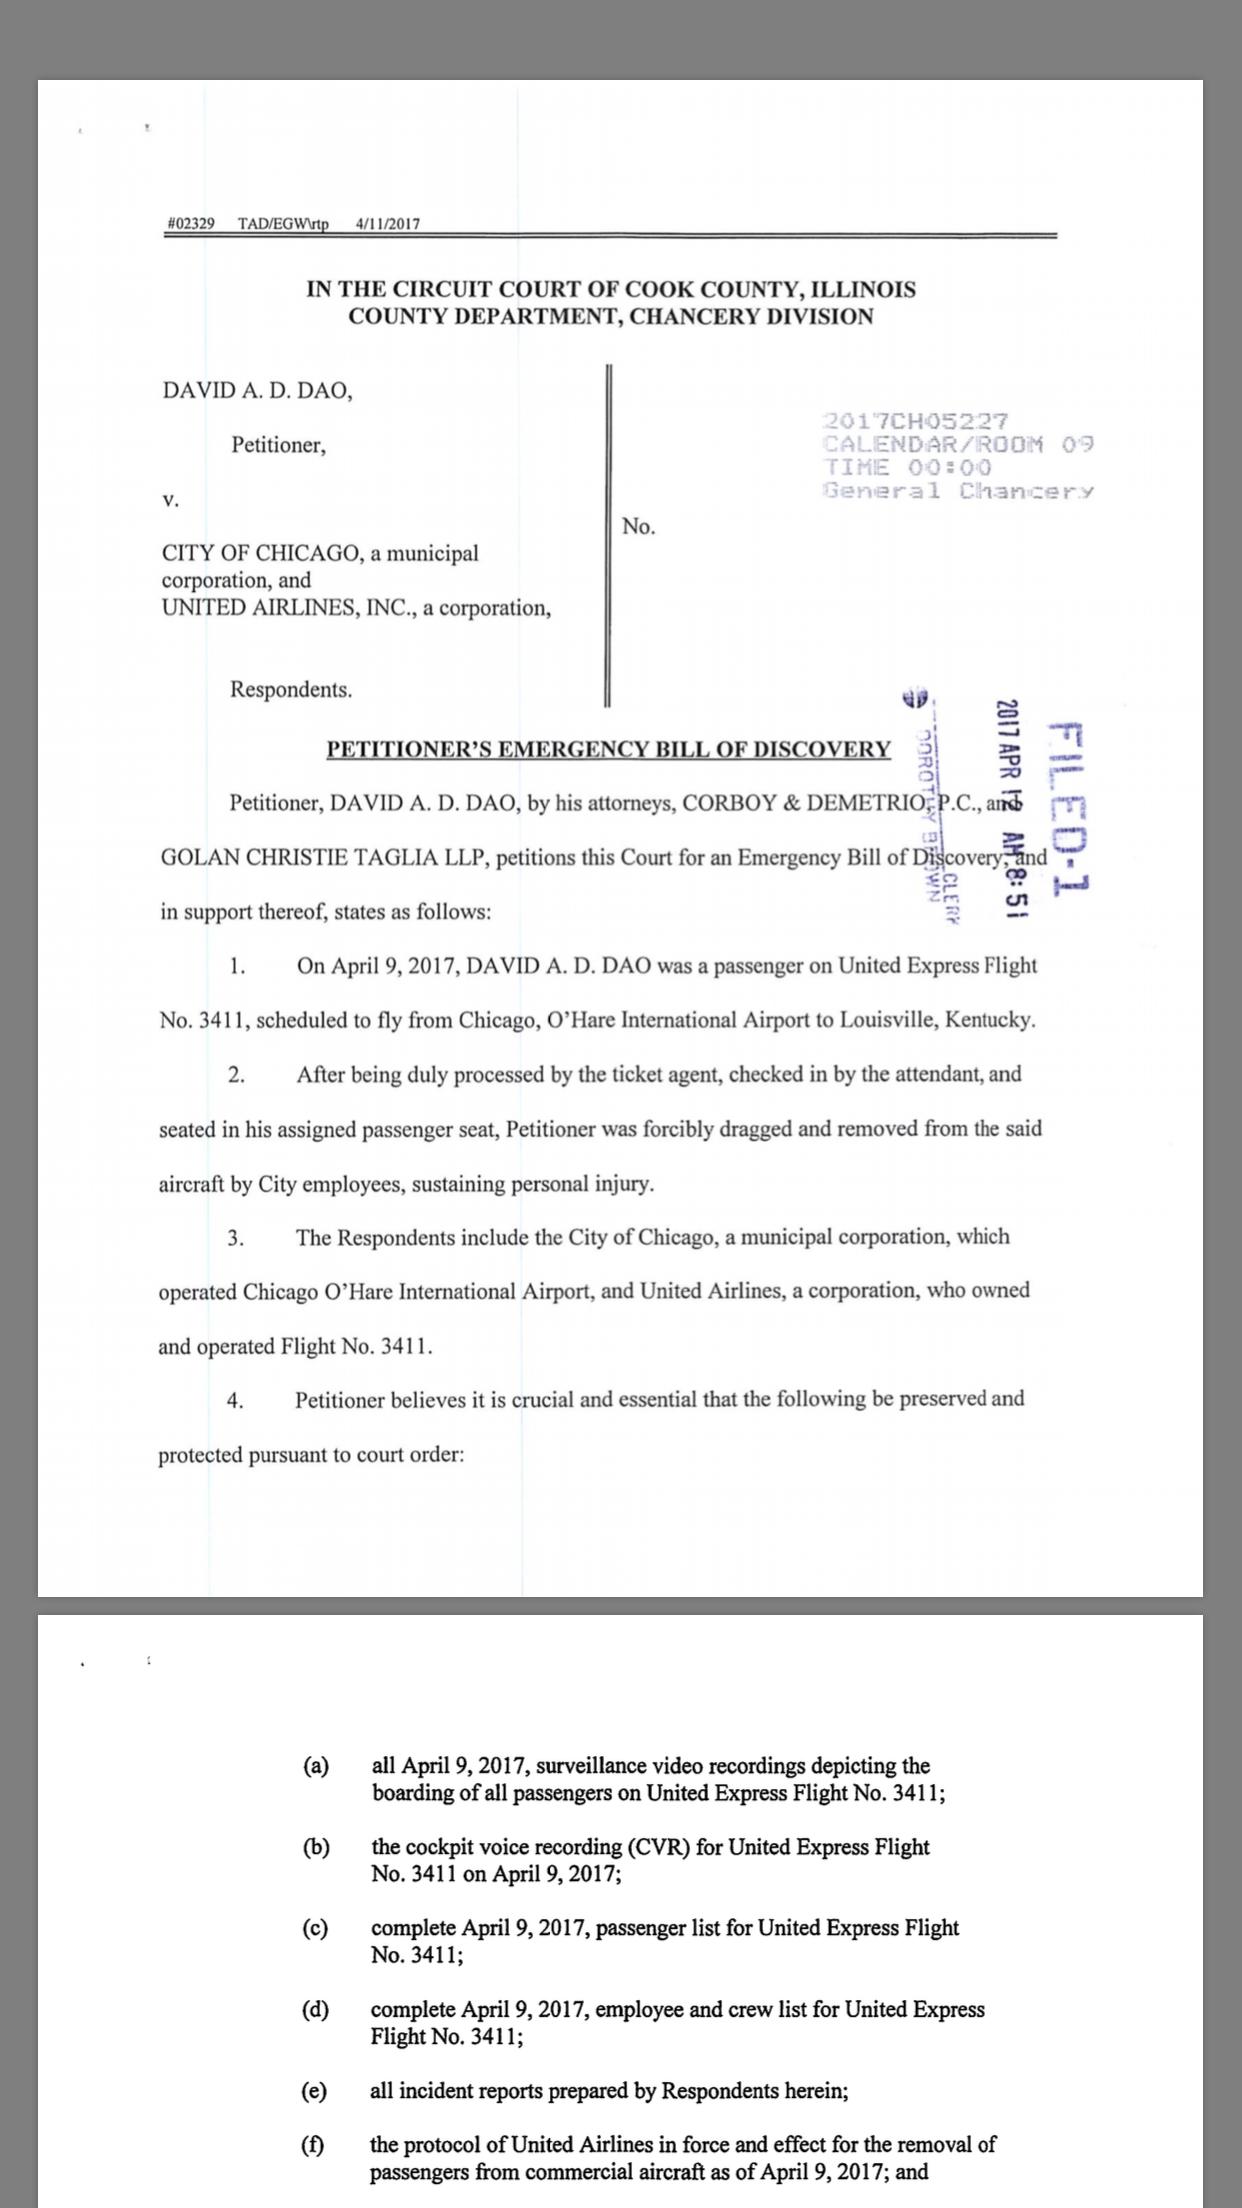 杜成德透過律師向庫克郡法院提出緊急訴願,要求保留事證。(法院文件截圖)